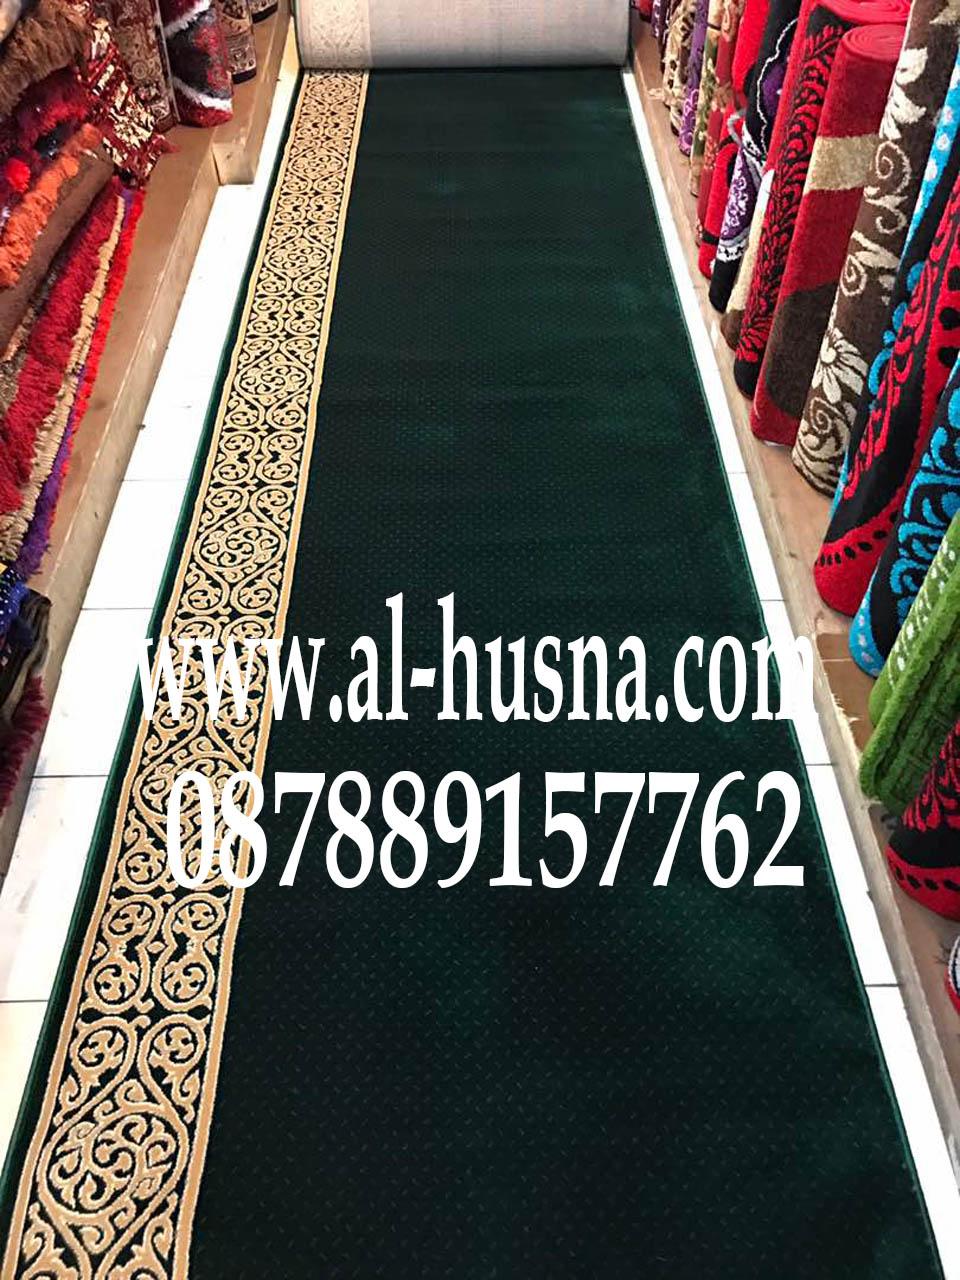 karpet-masjid-Platinum-Mosque-tanpa-nama.jpg